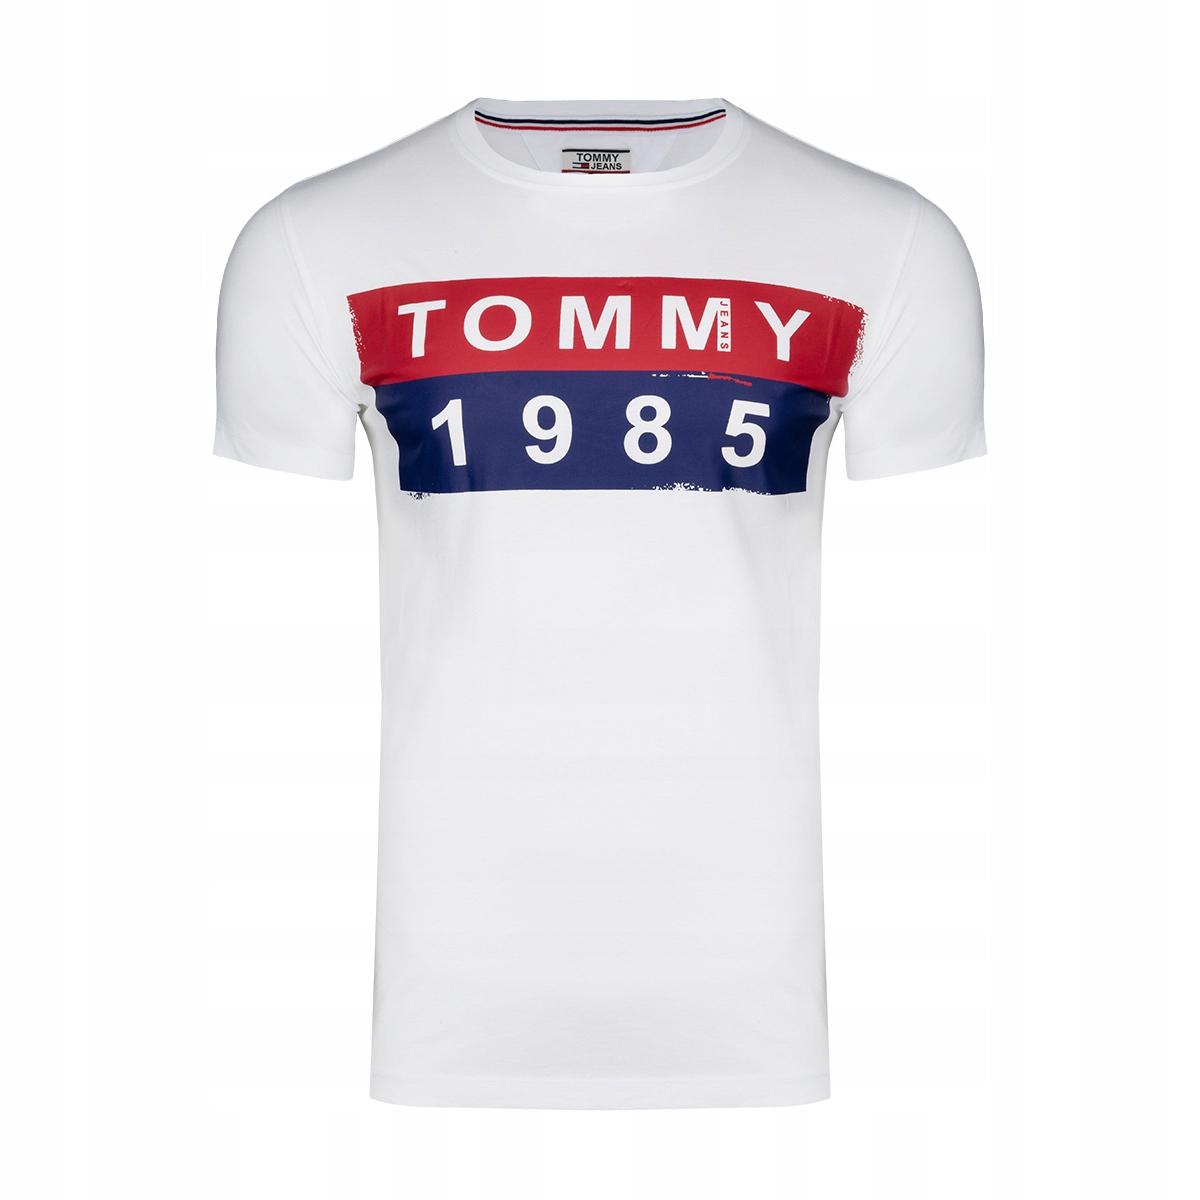 7f072ab31 TOMMY HILFIGER T SHIRT FRANK SHOP ORYGINALNY S % - 7363460929 ...